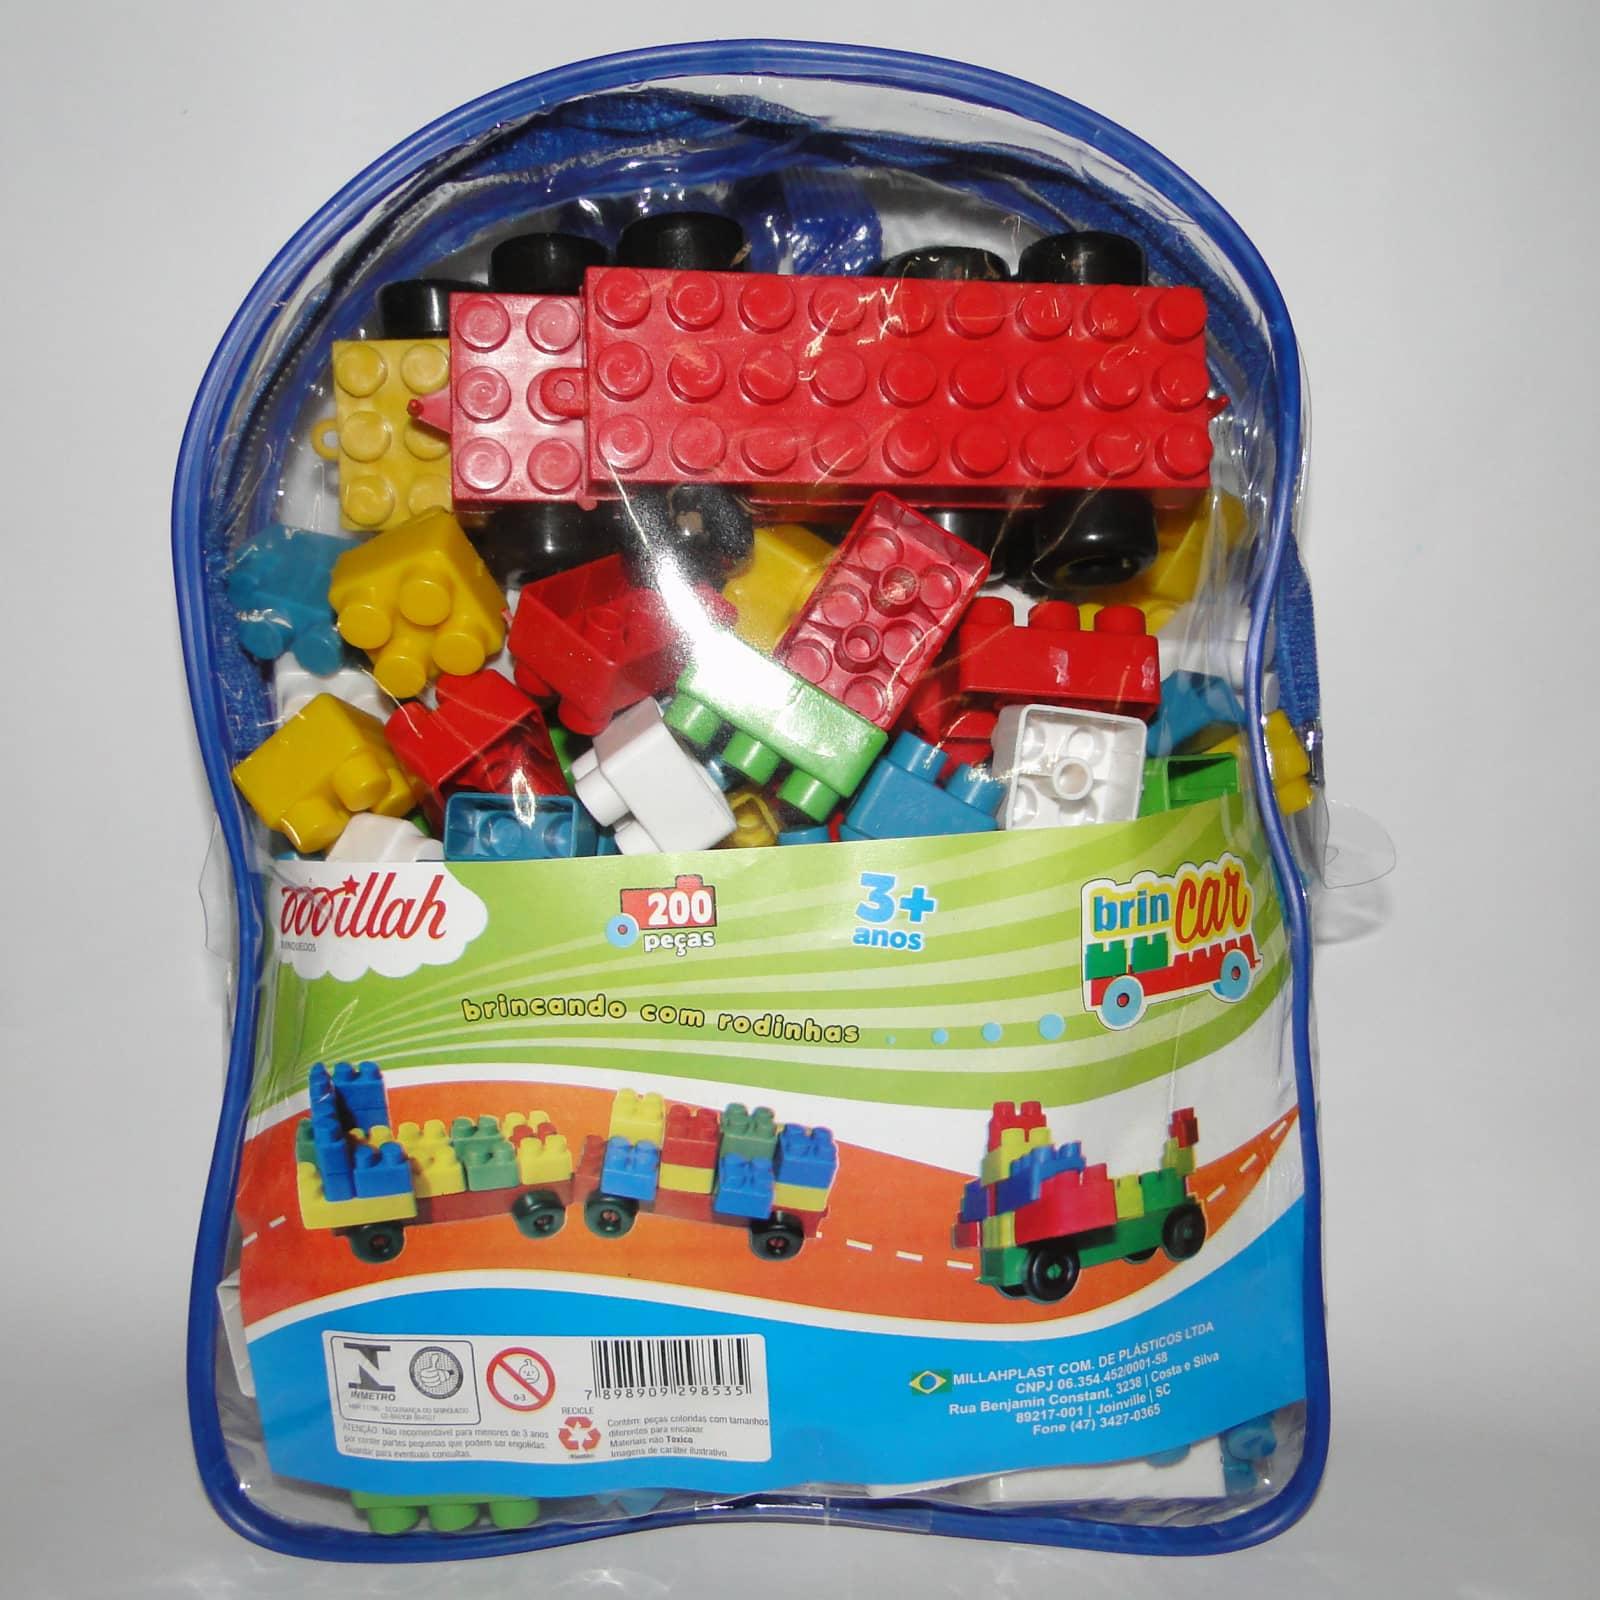 Brincar 200 peças - Ref 040